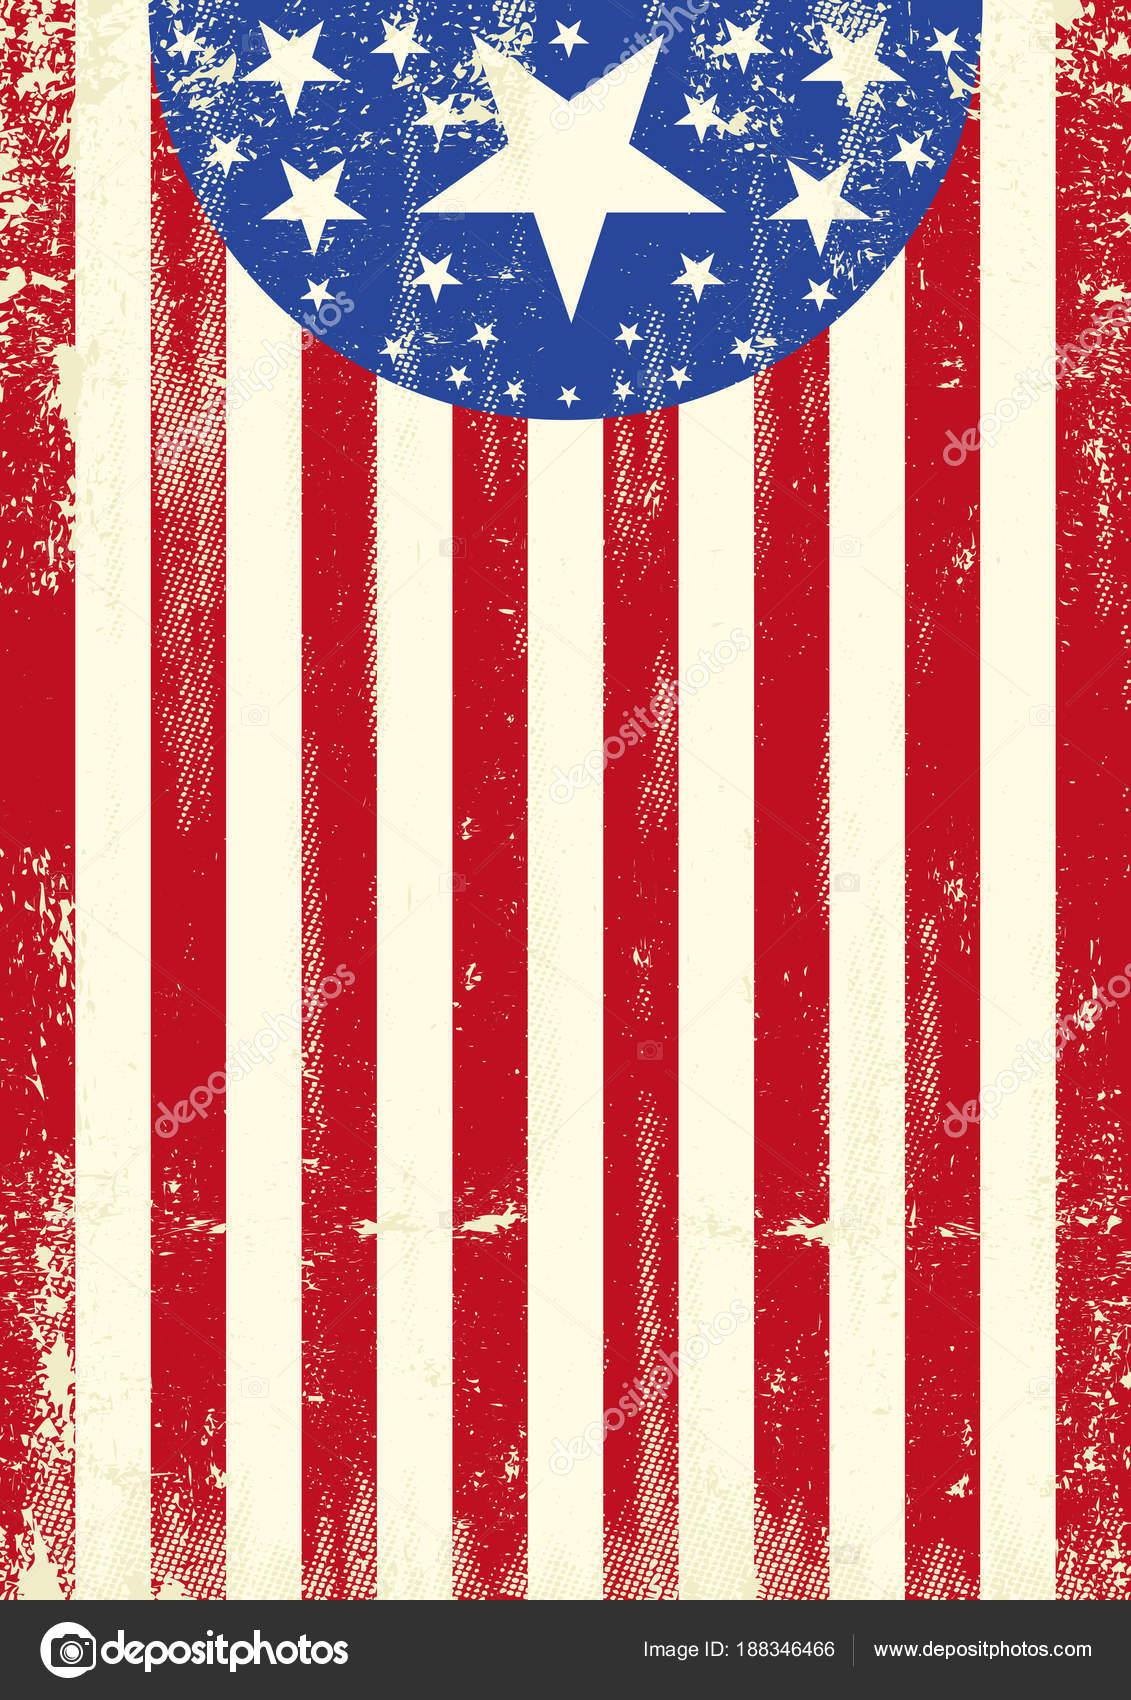 100 アメリカ 国旗 壁紙 最高の壁紙